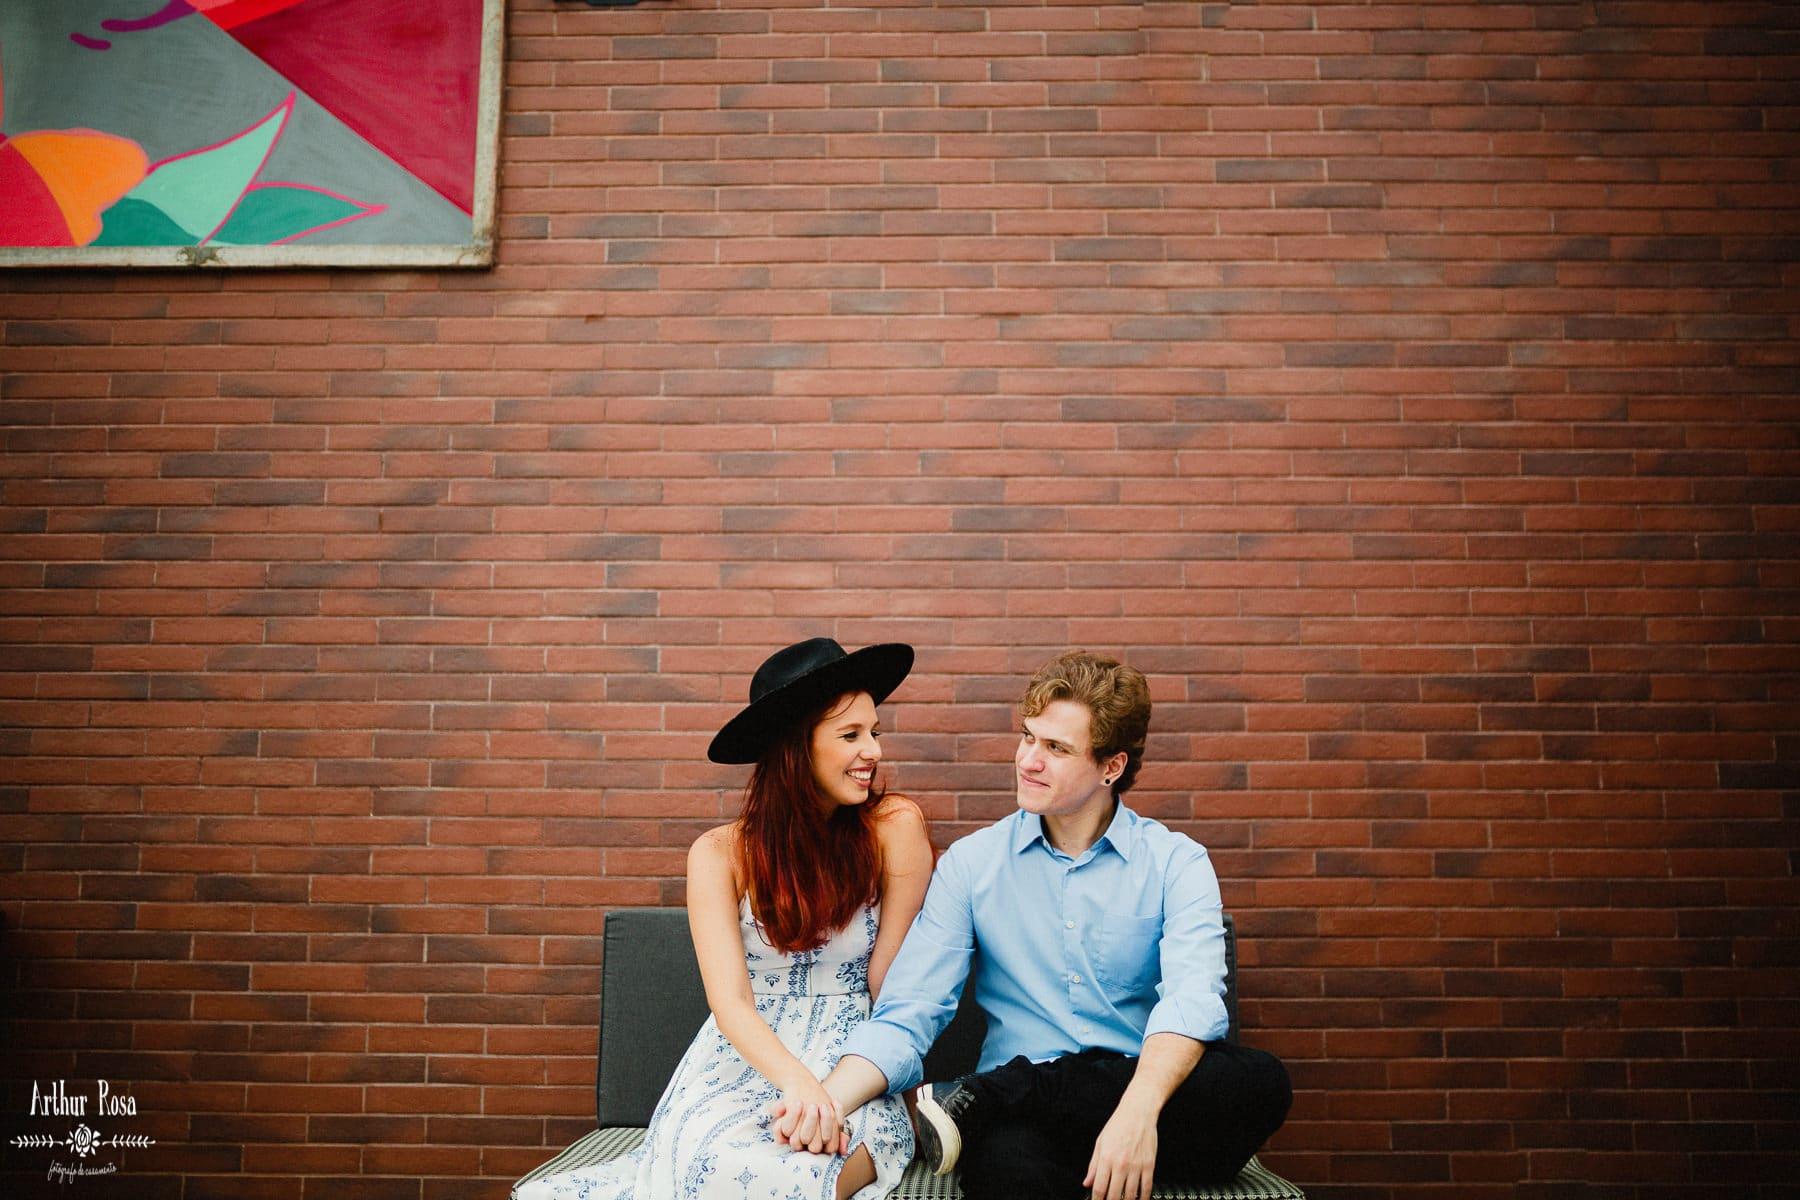 melhores fotos de casal